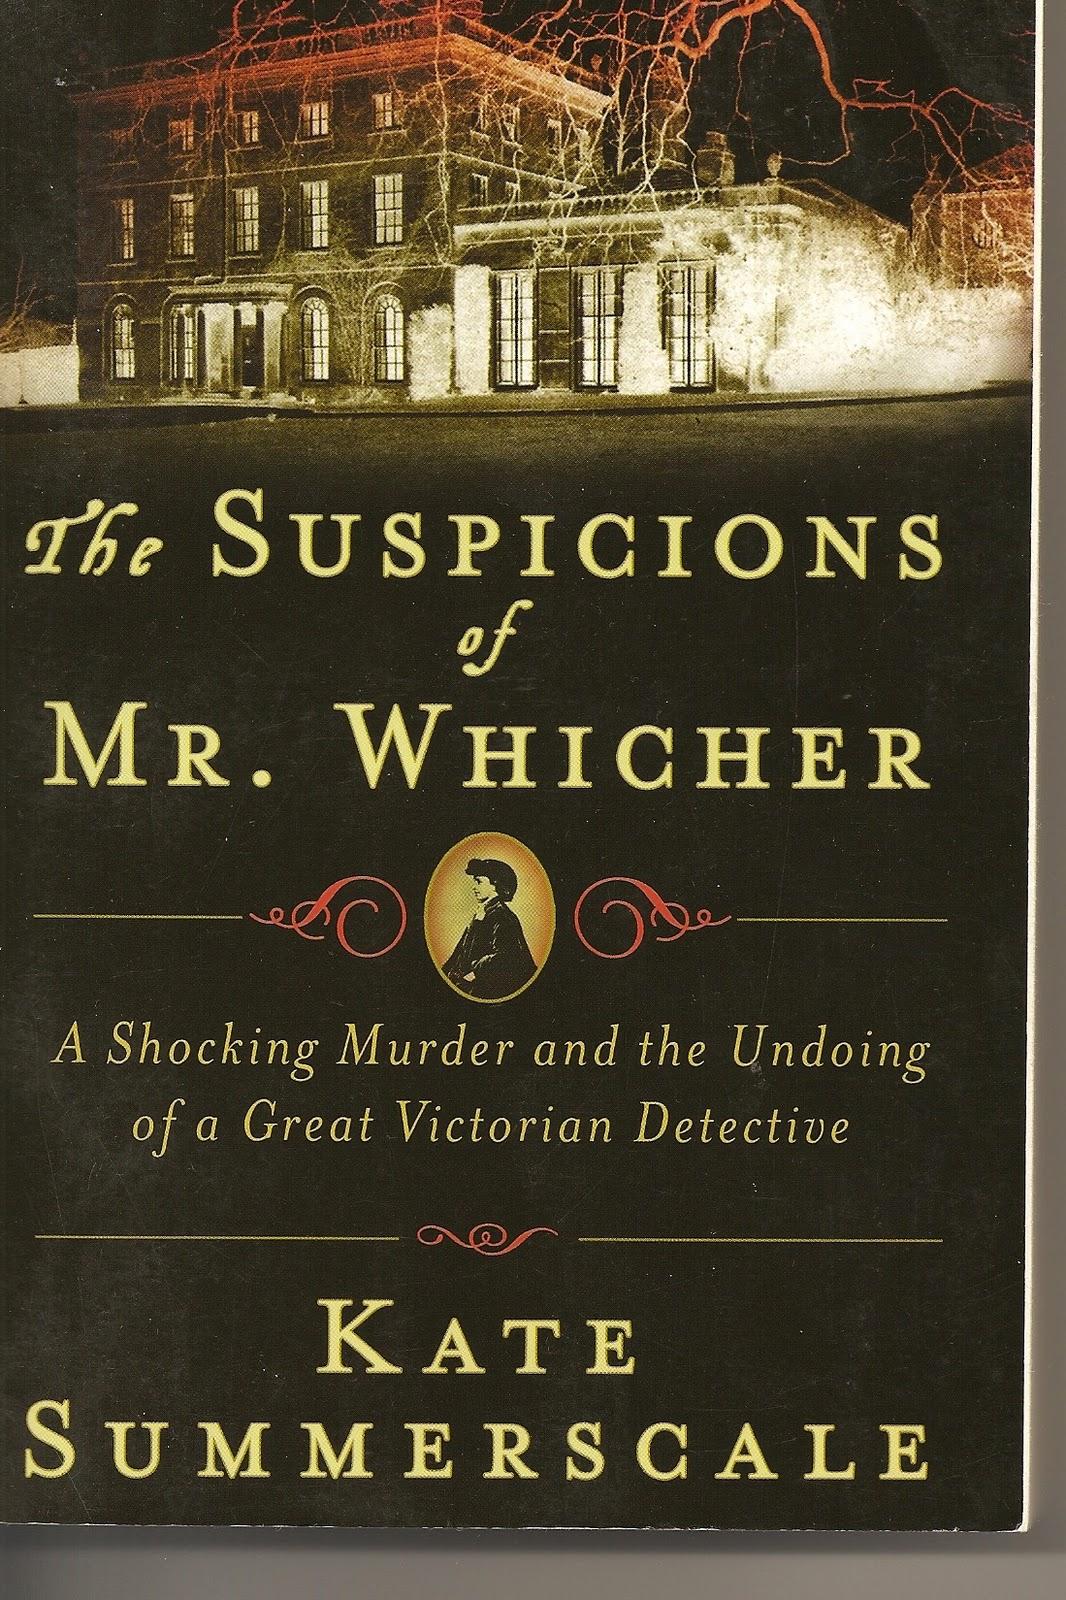 the suspicions of mr whicher book pdf